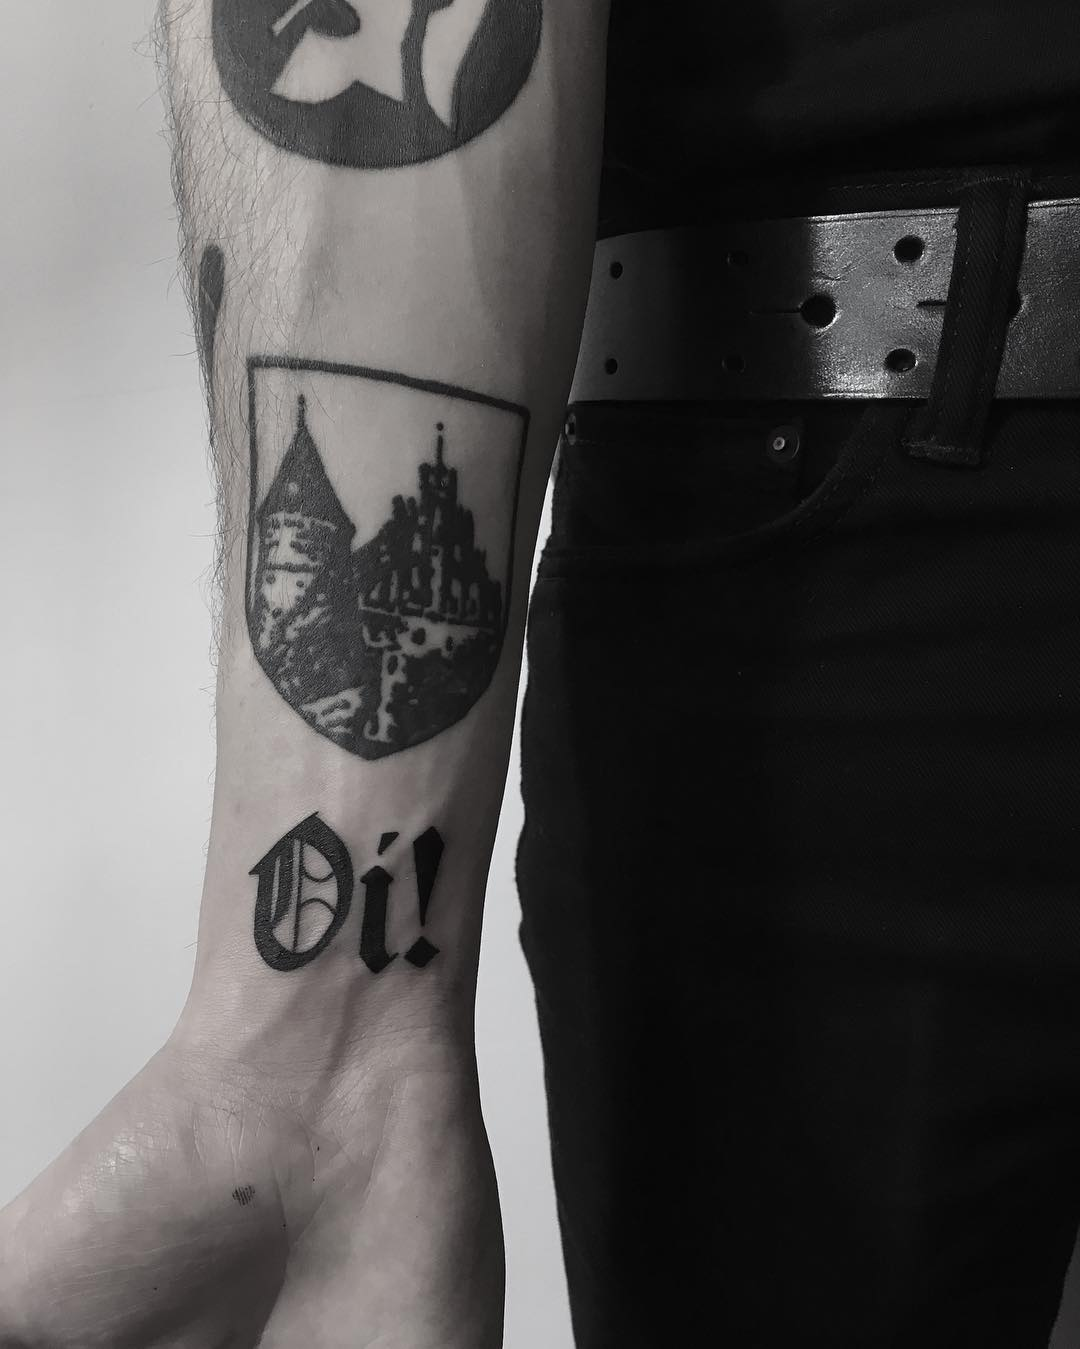 Oi Castle by Krzysztof Szeszko